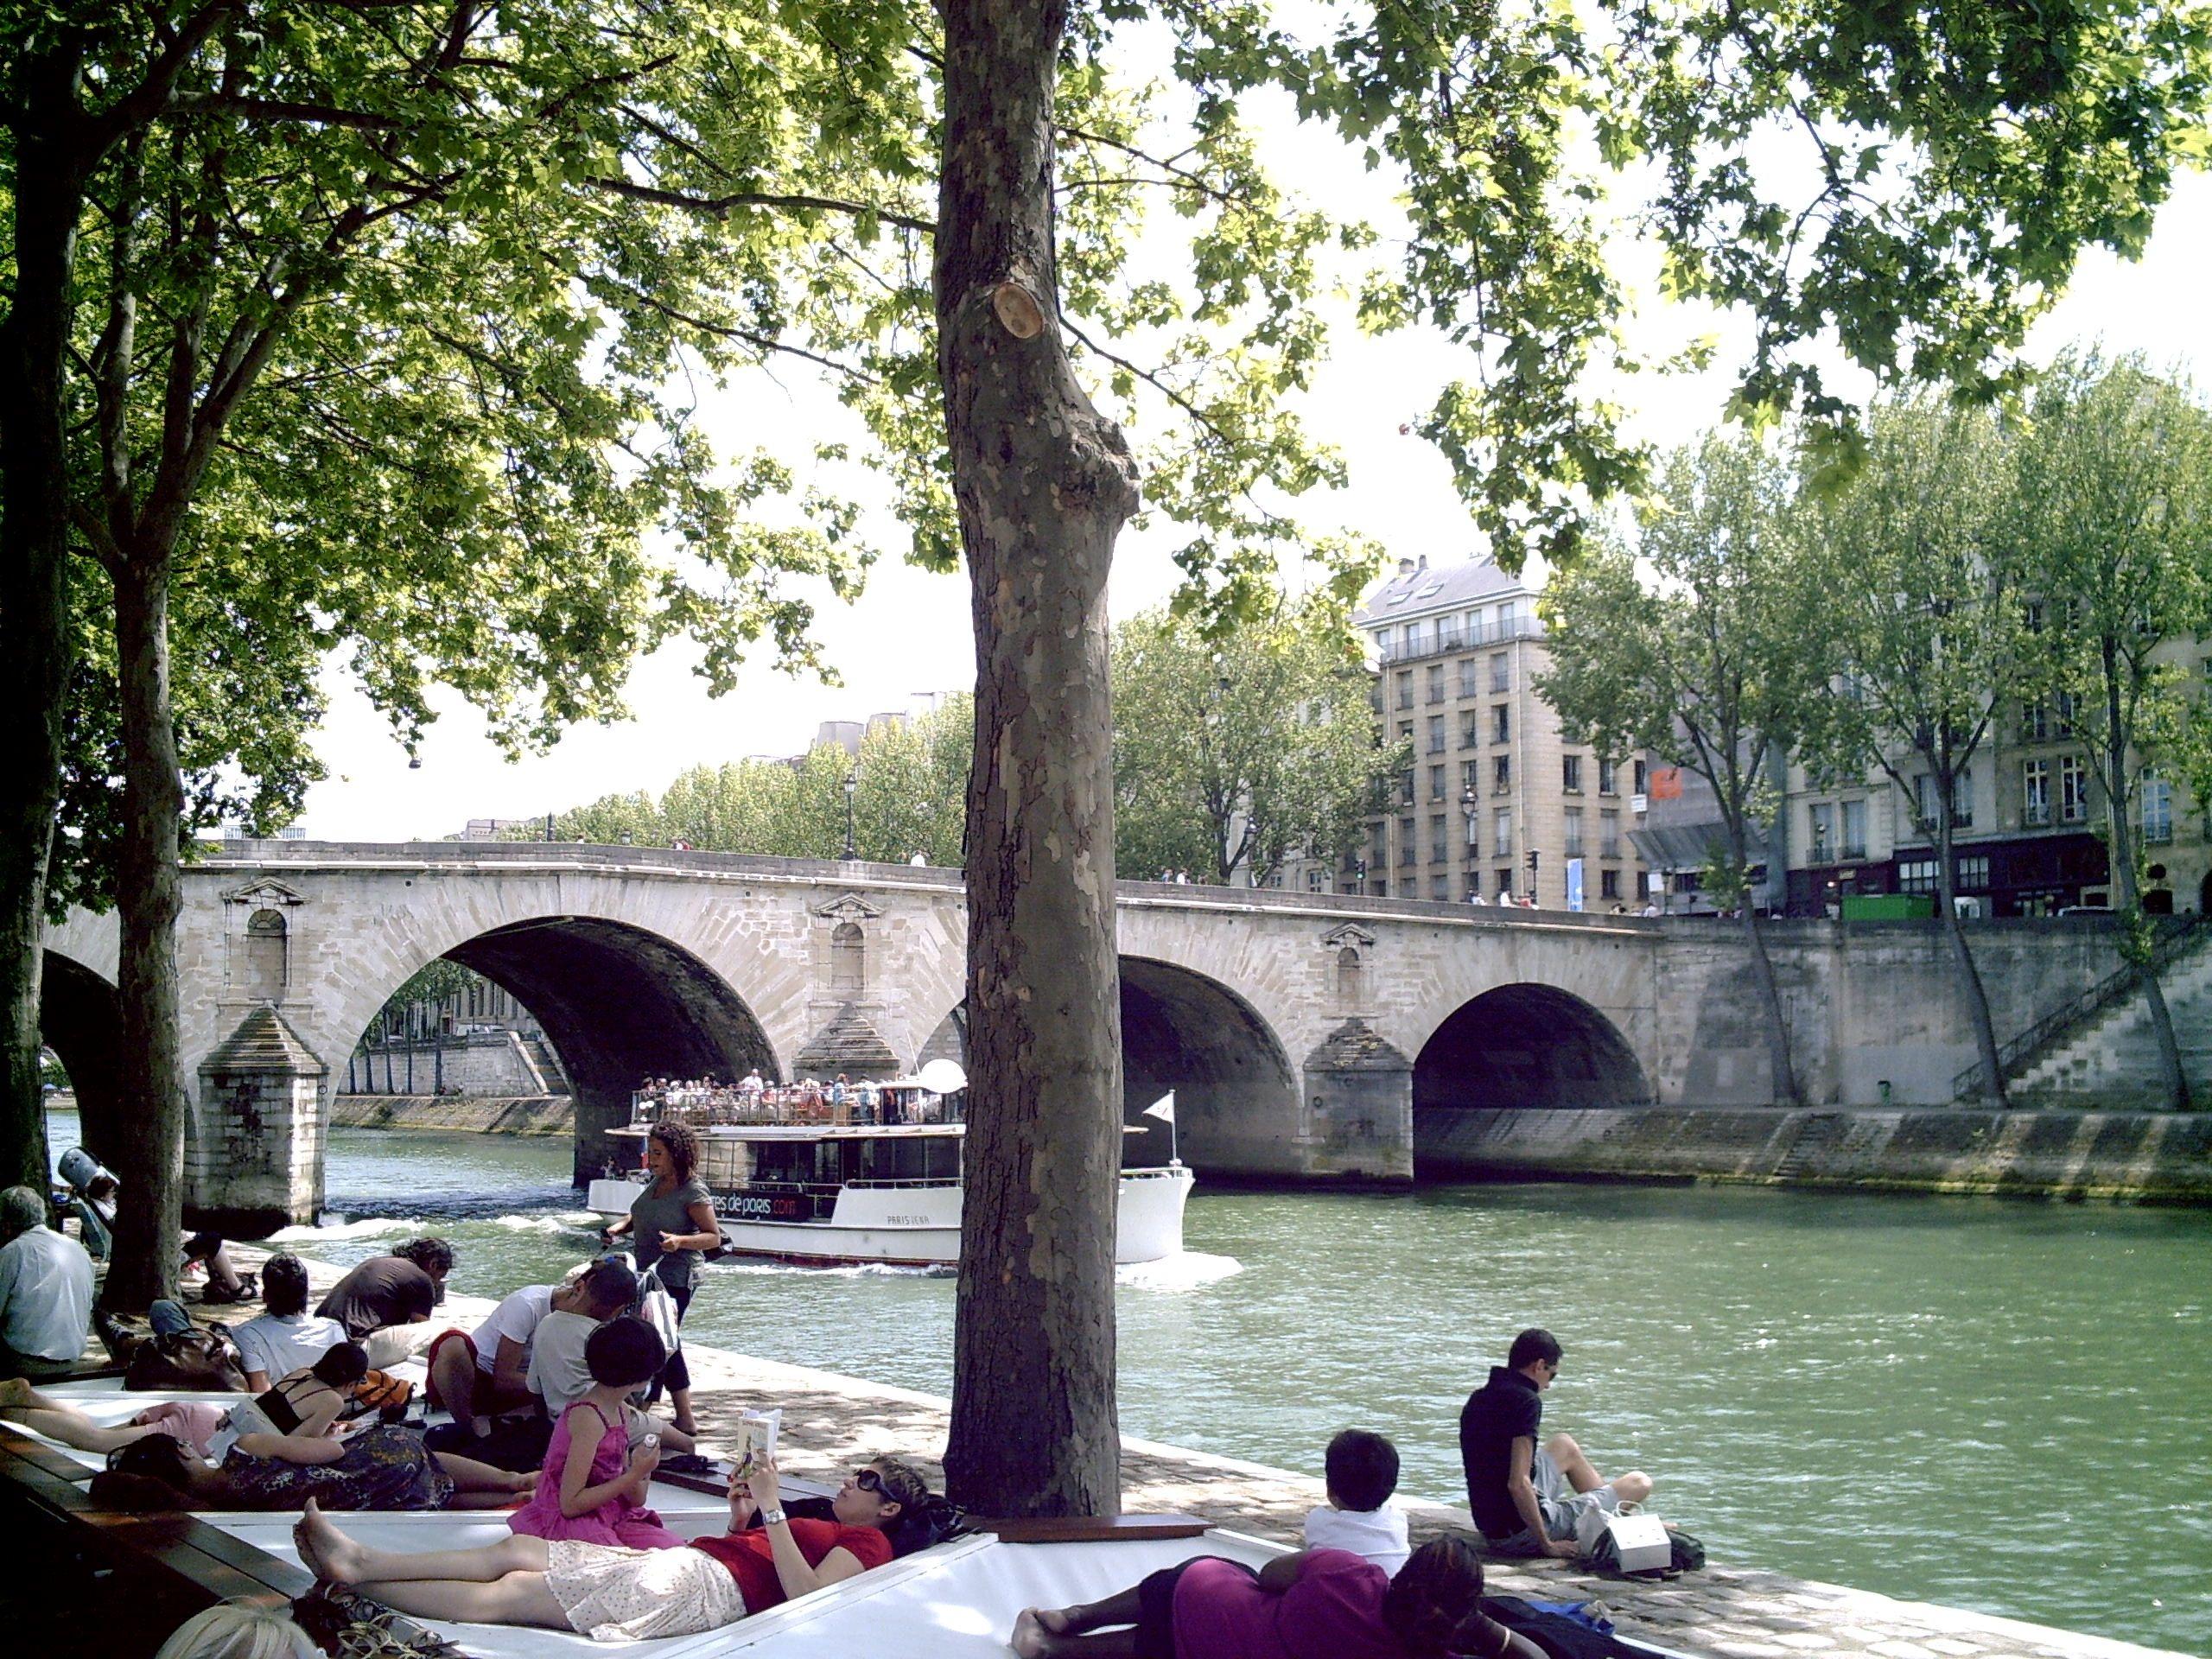 Summer bridge in the city of Light. & Summer bridge in the city of Light. | Bridges Doors \u0026 Windows ... Pezcame.Com